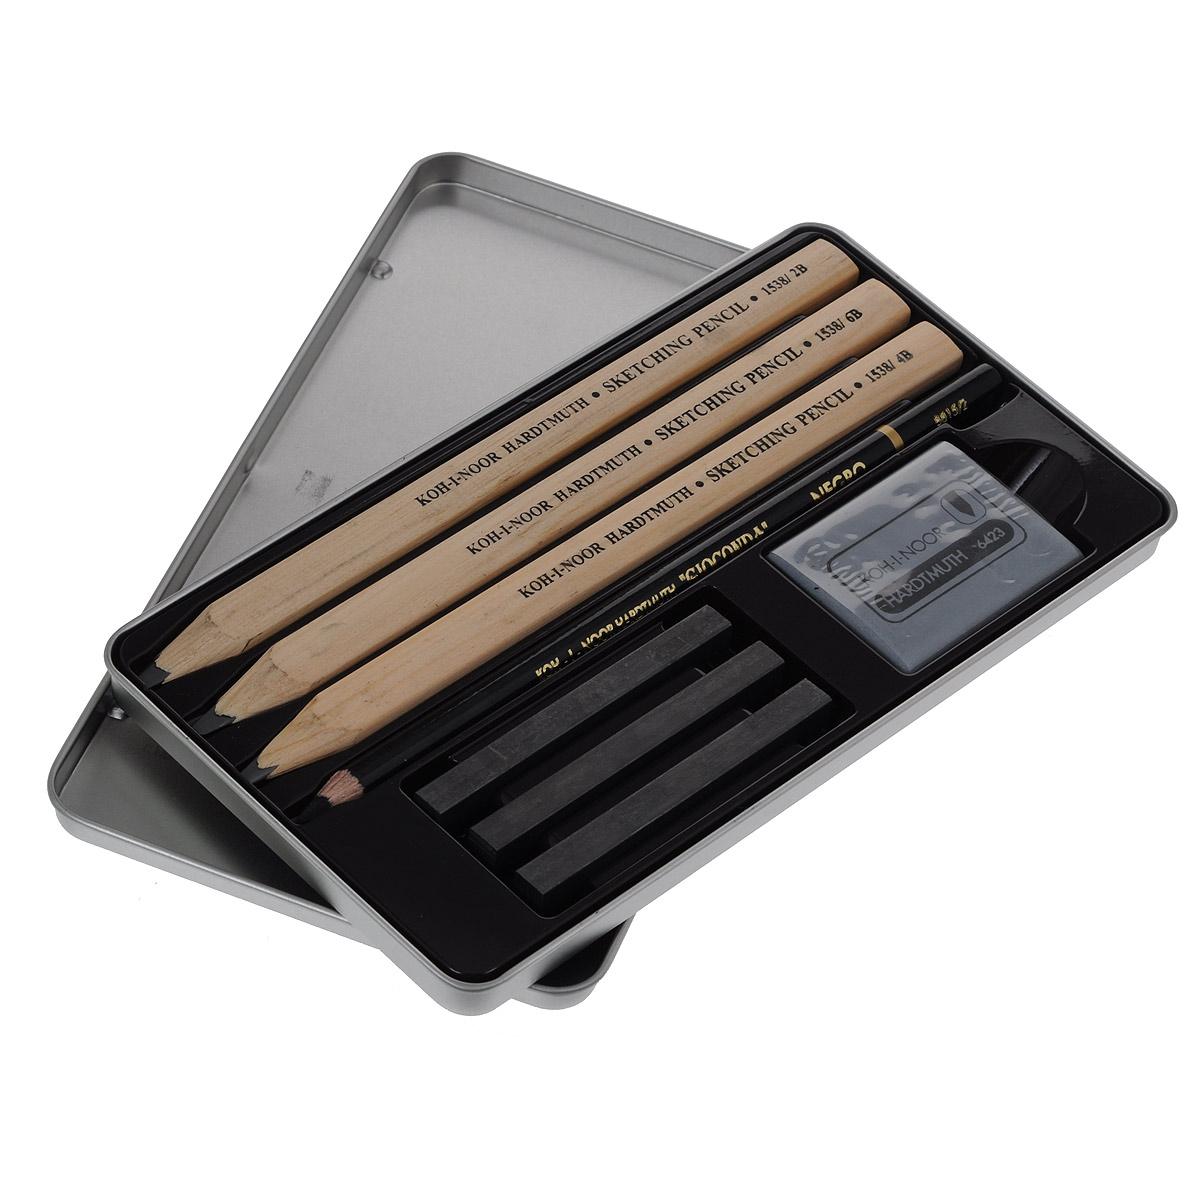 Набор для черчения Koh-i-Noor Gioconda, 8 предметов8892Профессиональный набор для черчения Koh-i-Noor Gioconda состоит из 3 трехгранных чернографитных карандашей (2В, 4В, 6В), угольного карандаша Gioconda Negro, 3 графитовых стержней без дерева (2В, 4В, 6В), и ластика. Графитовый стержень имеет высокую степень прочности, легко затачивается любой точилкой. Предметы набора располагаются в металлическом пенале с откидной крышкой. Набор предназначен для профессионального удожественного творчества.